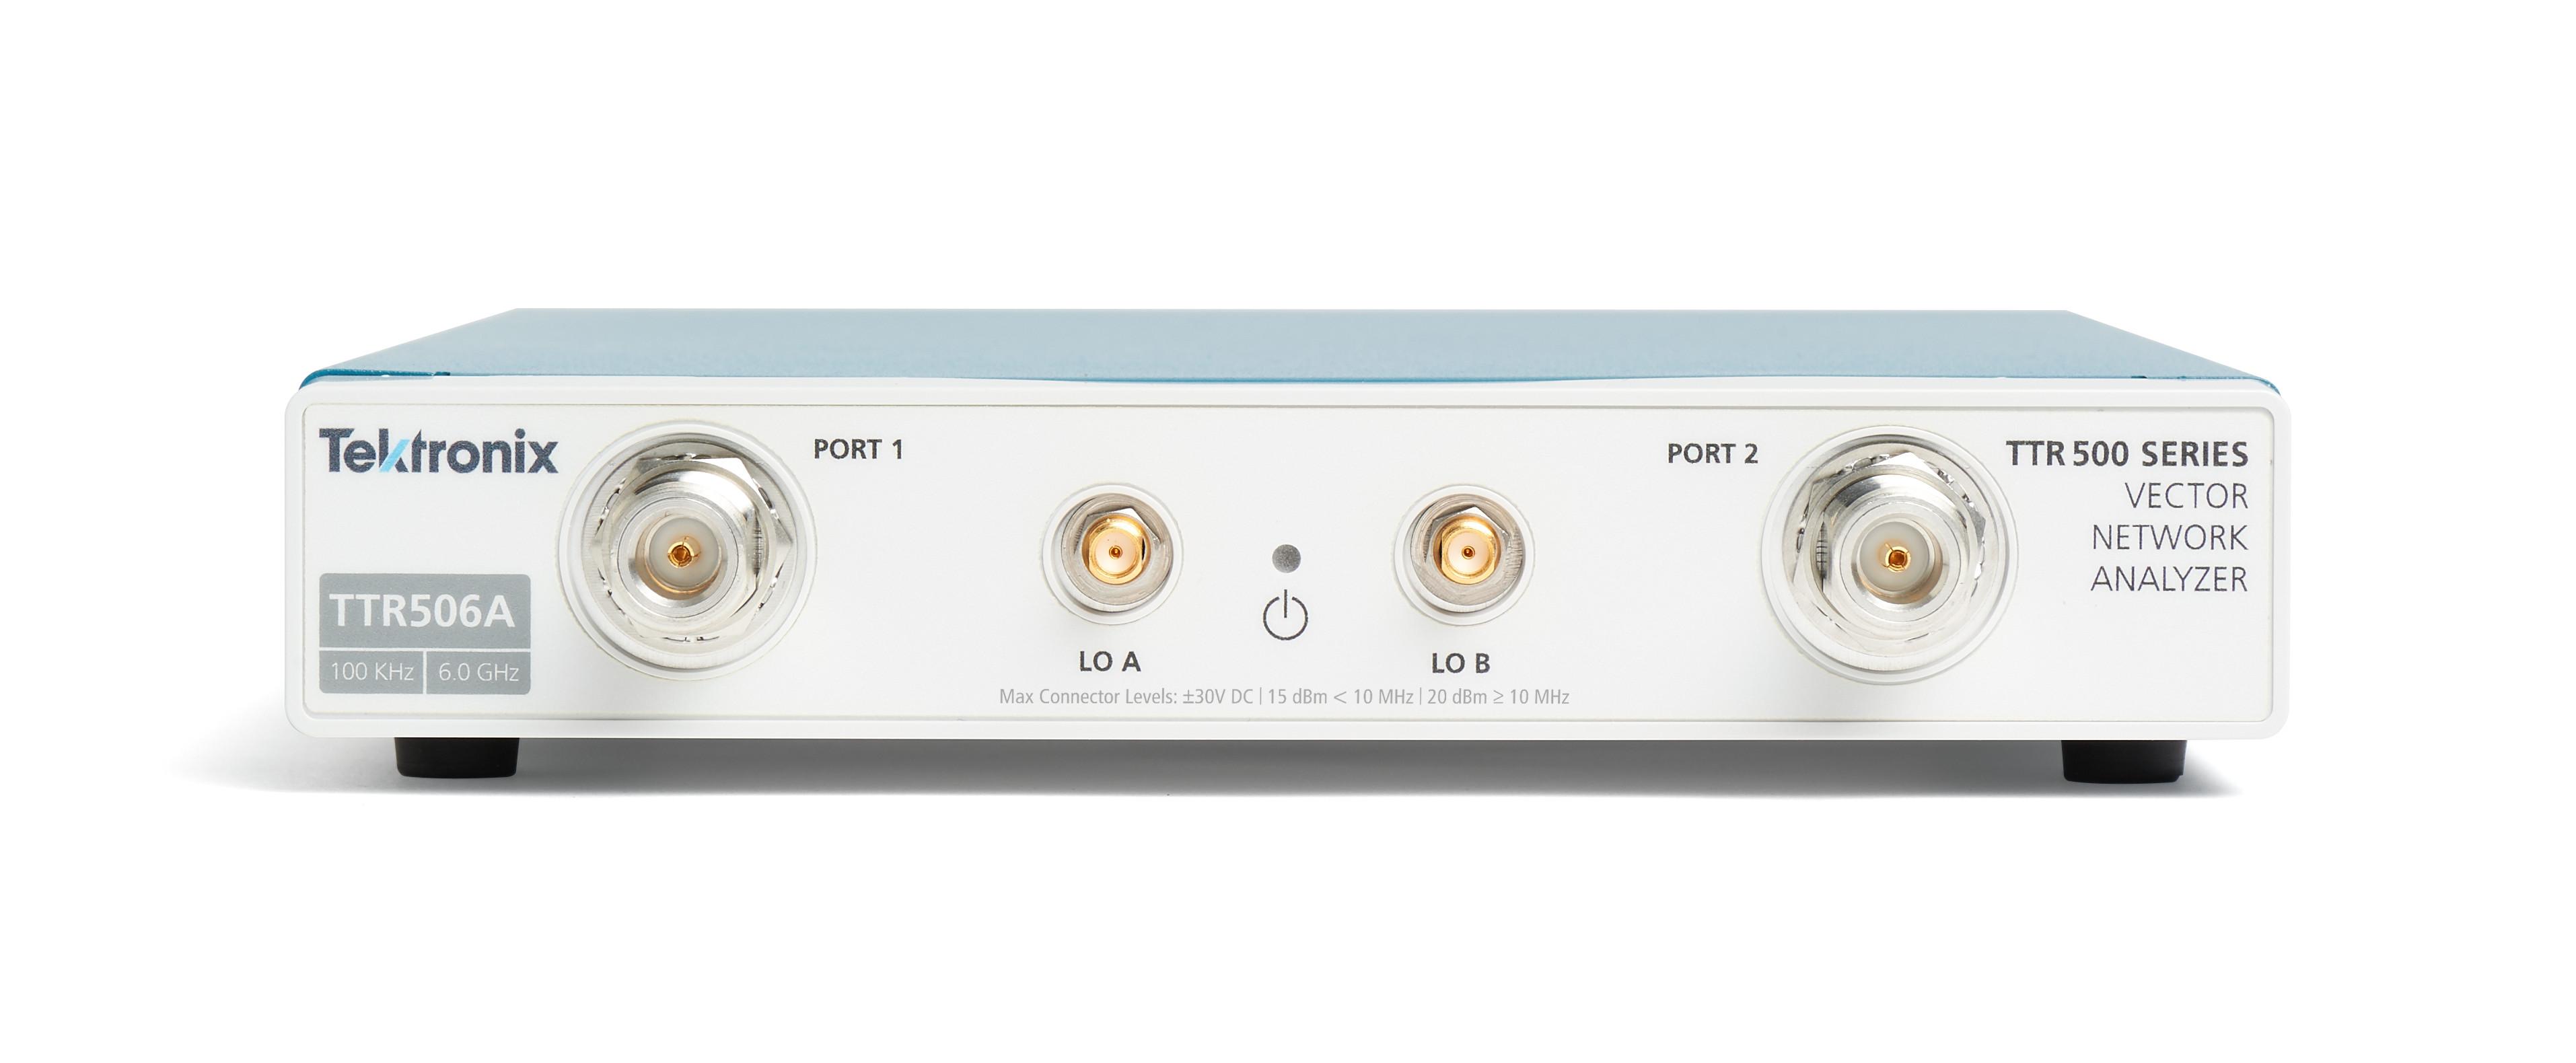 泰克推出TTR500系列USB VNA,强势进入矢量网络分析仪市场